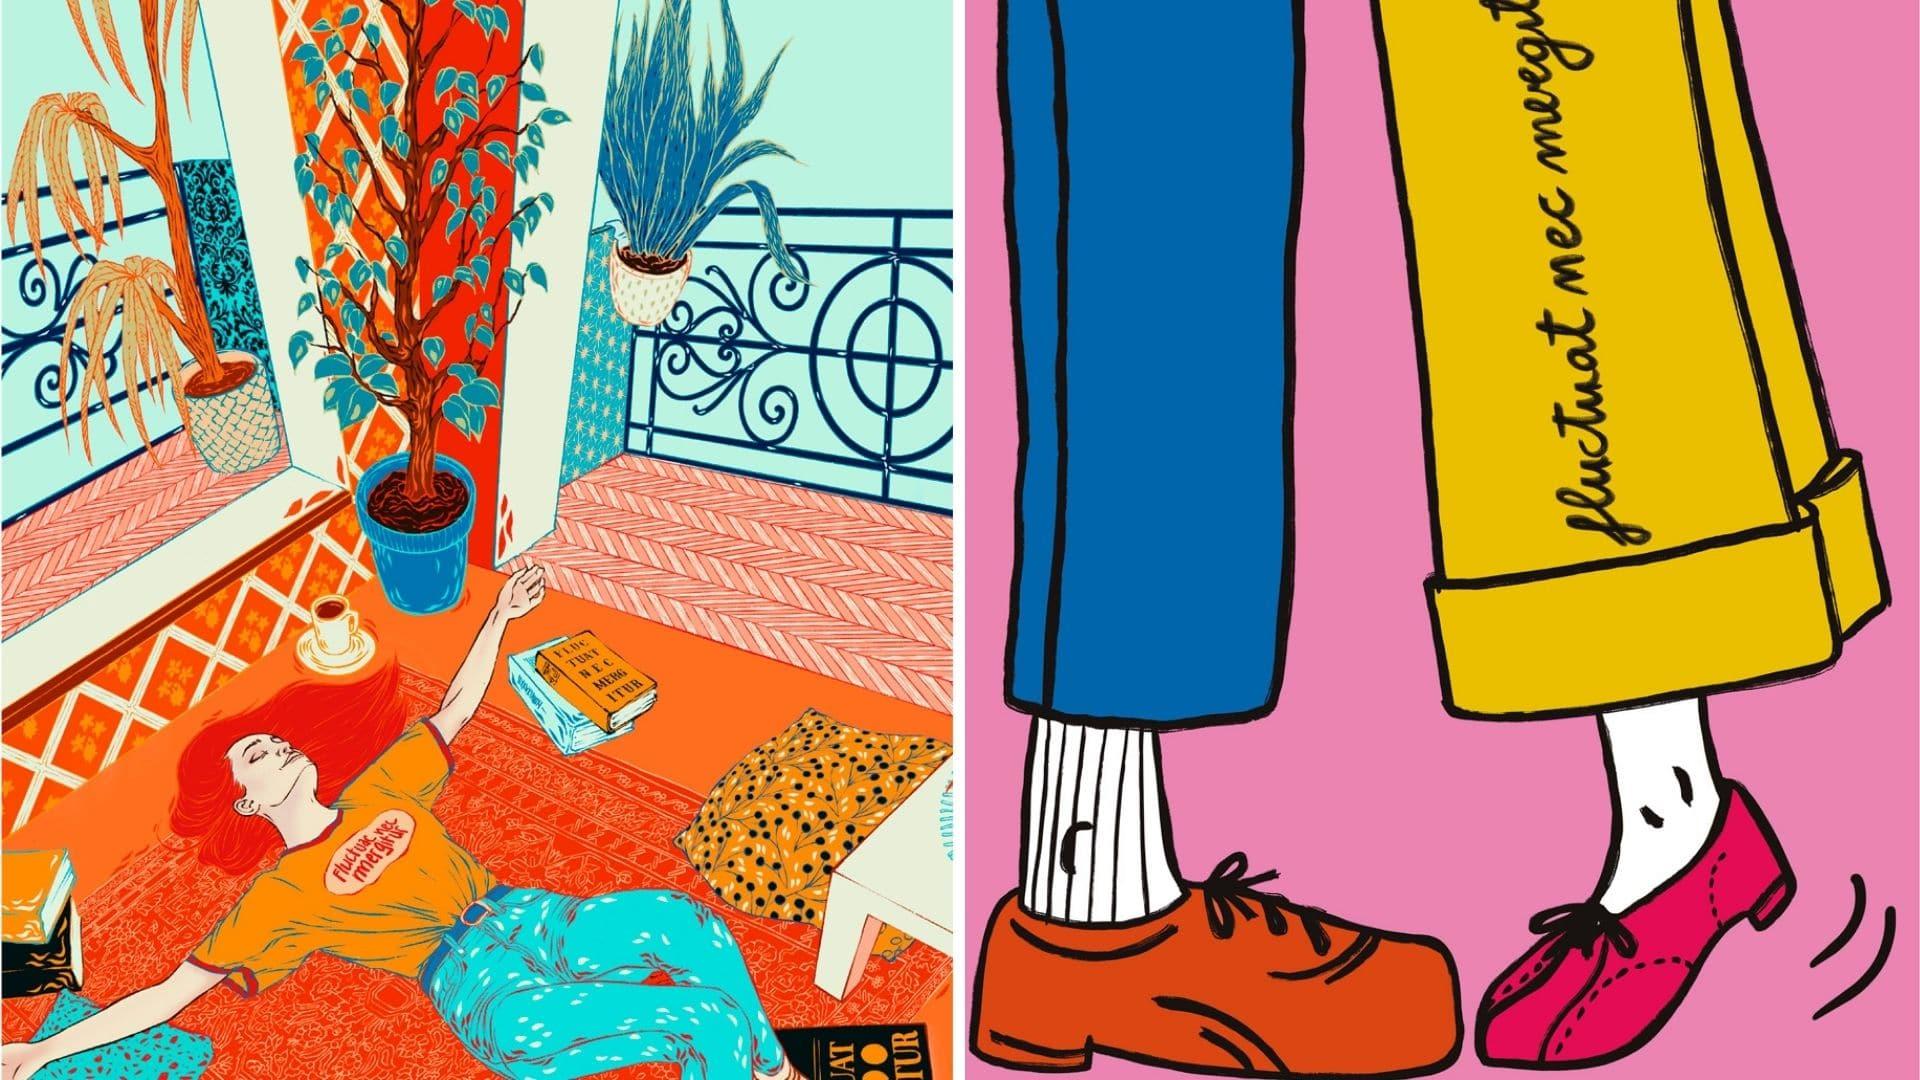 affiches colorées paris mika étudiants art epsaa ville